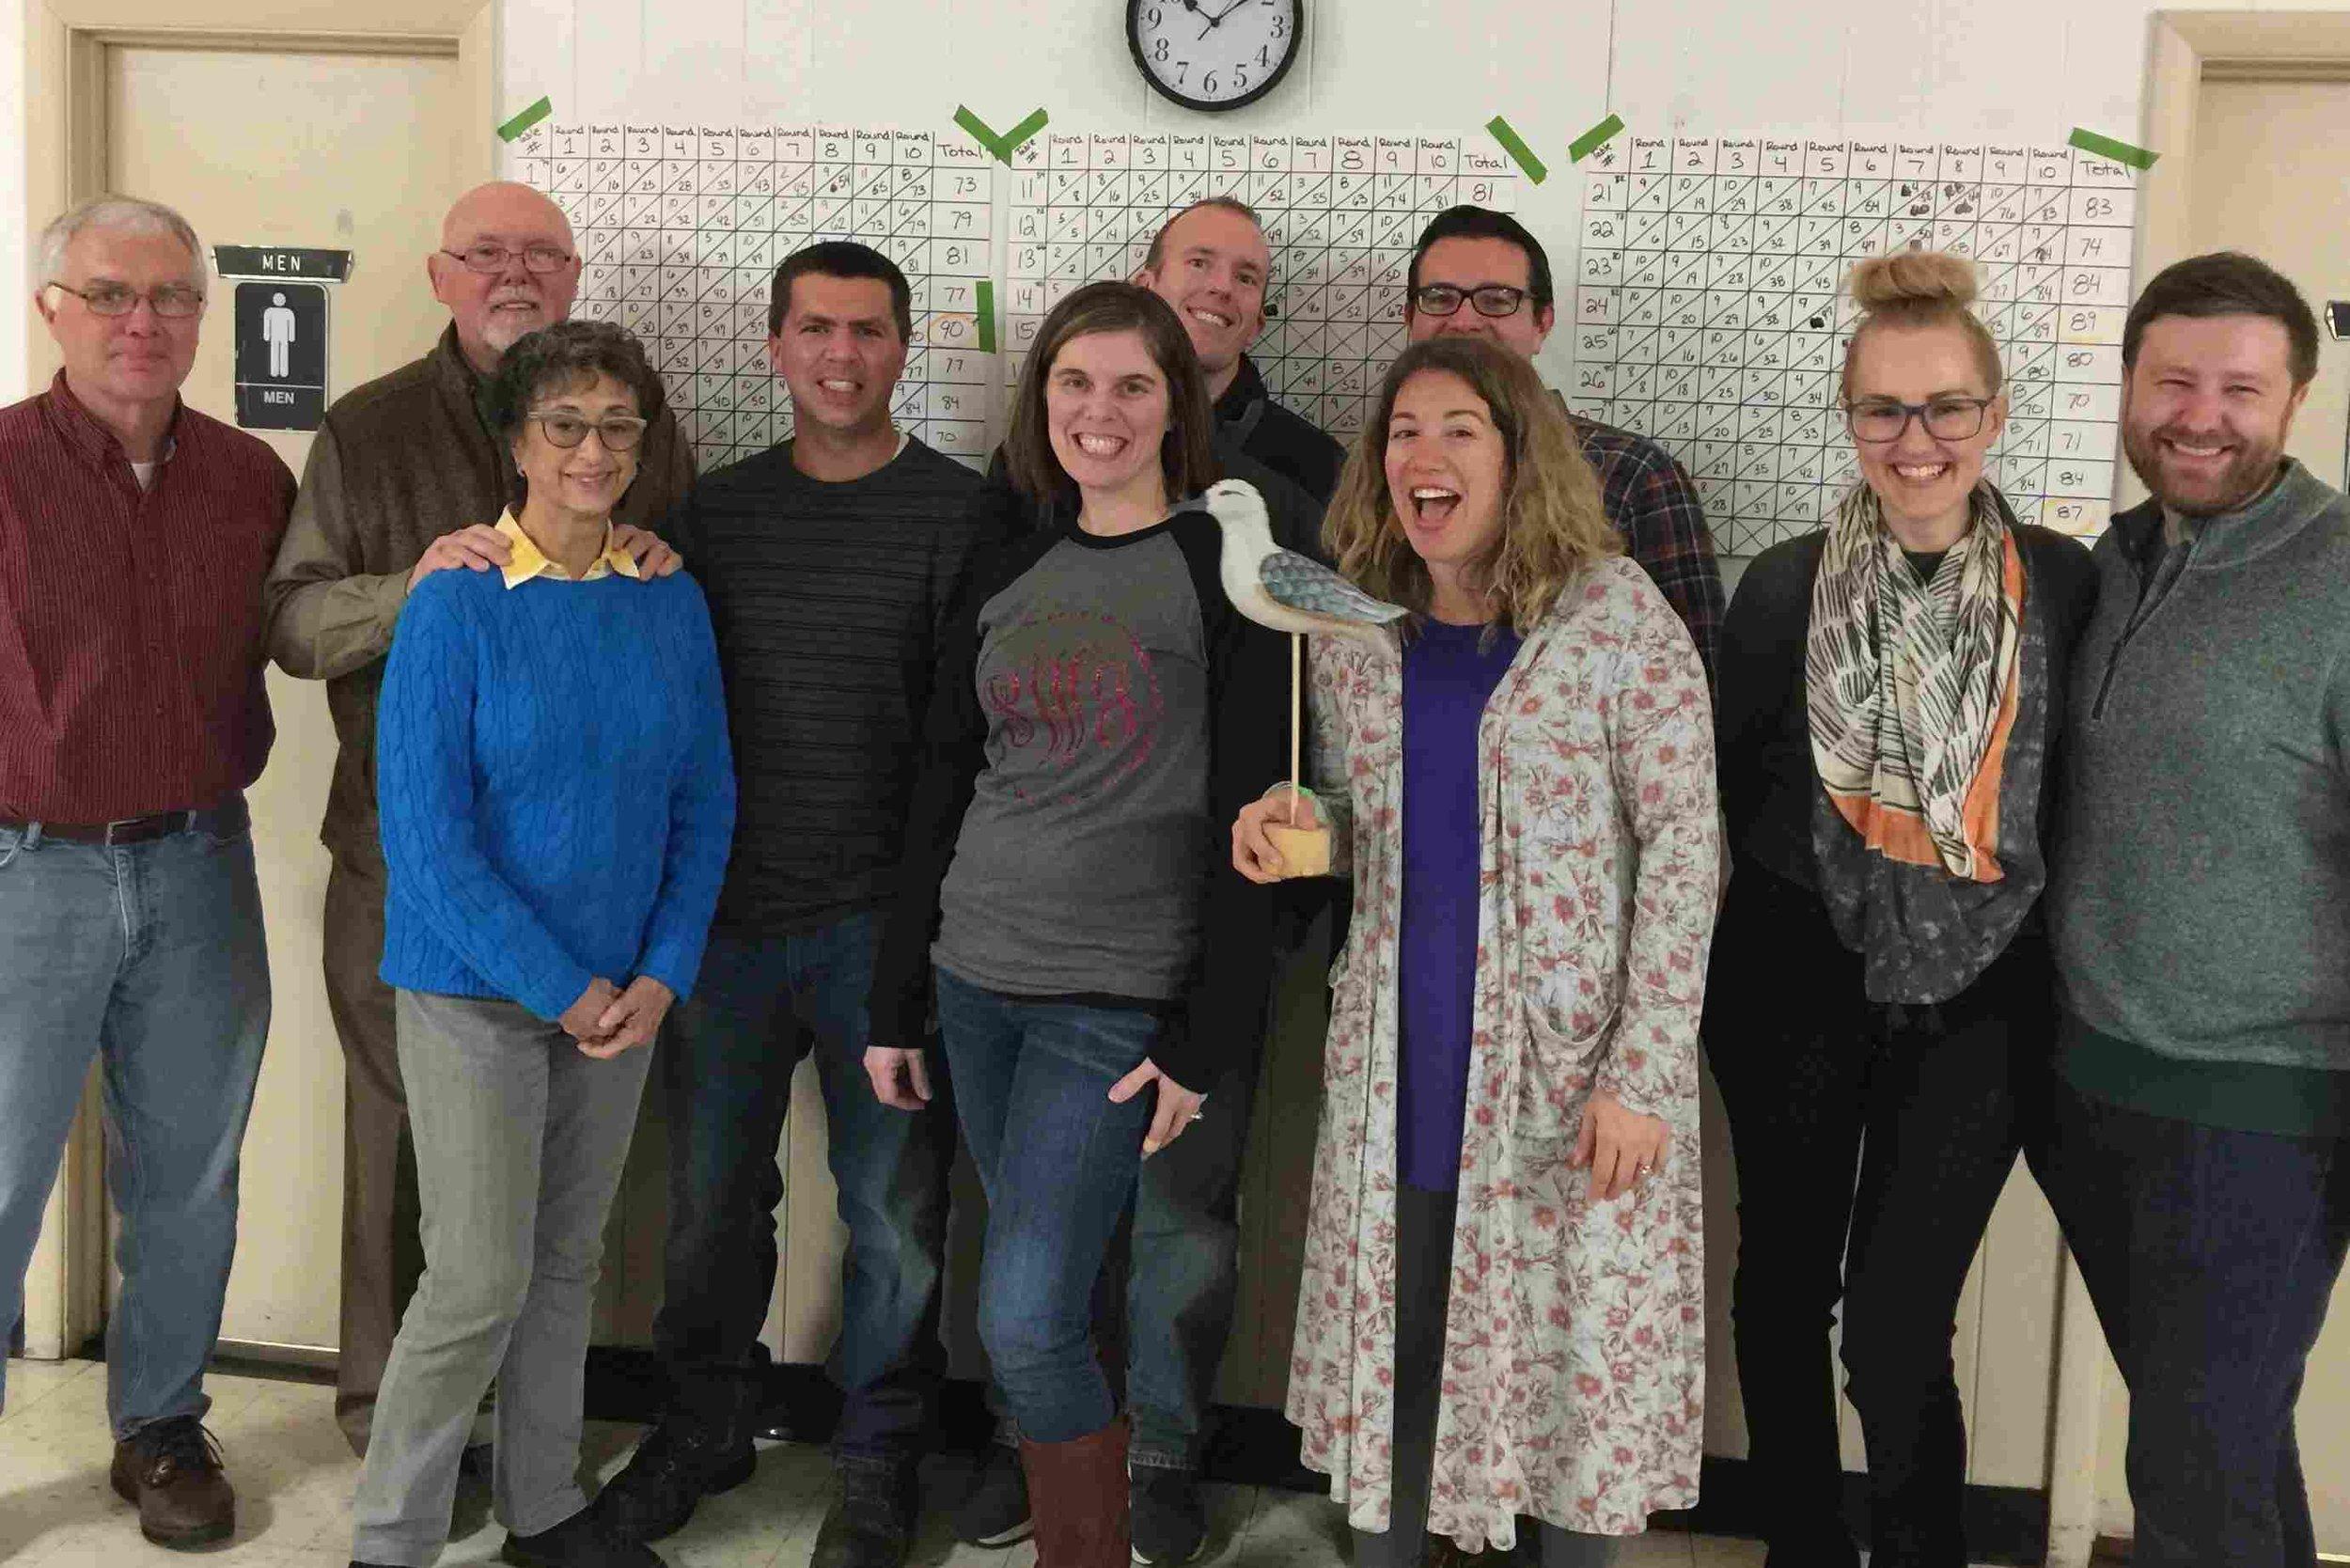 Front (left to right) - Terri Drew, Stephanie Wilson, Amanda Finn, Zhenya Hogsett, Will Hogsett  Back (left to right) - Dick Drew, Dan Drew, Jeff Drew, Jim Wilson, Jeremiah Finn